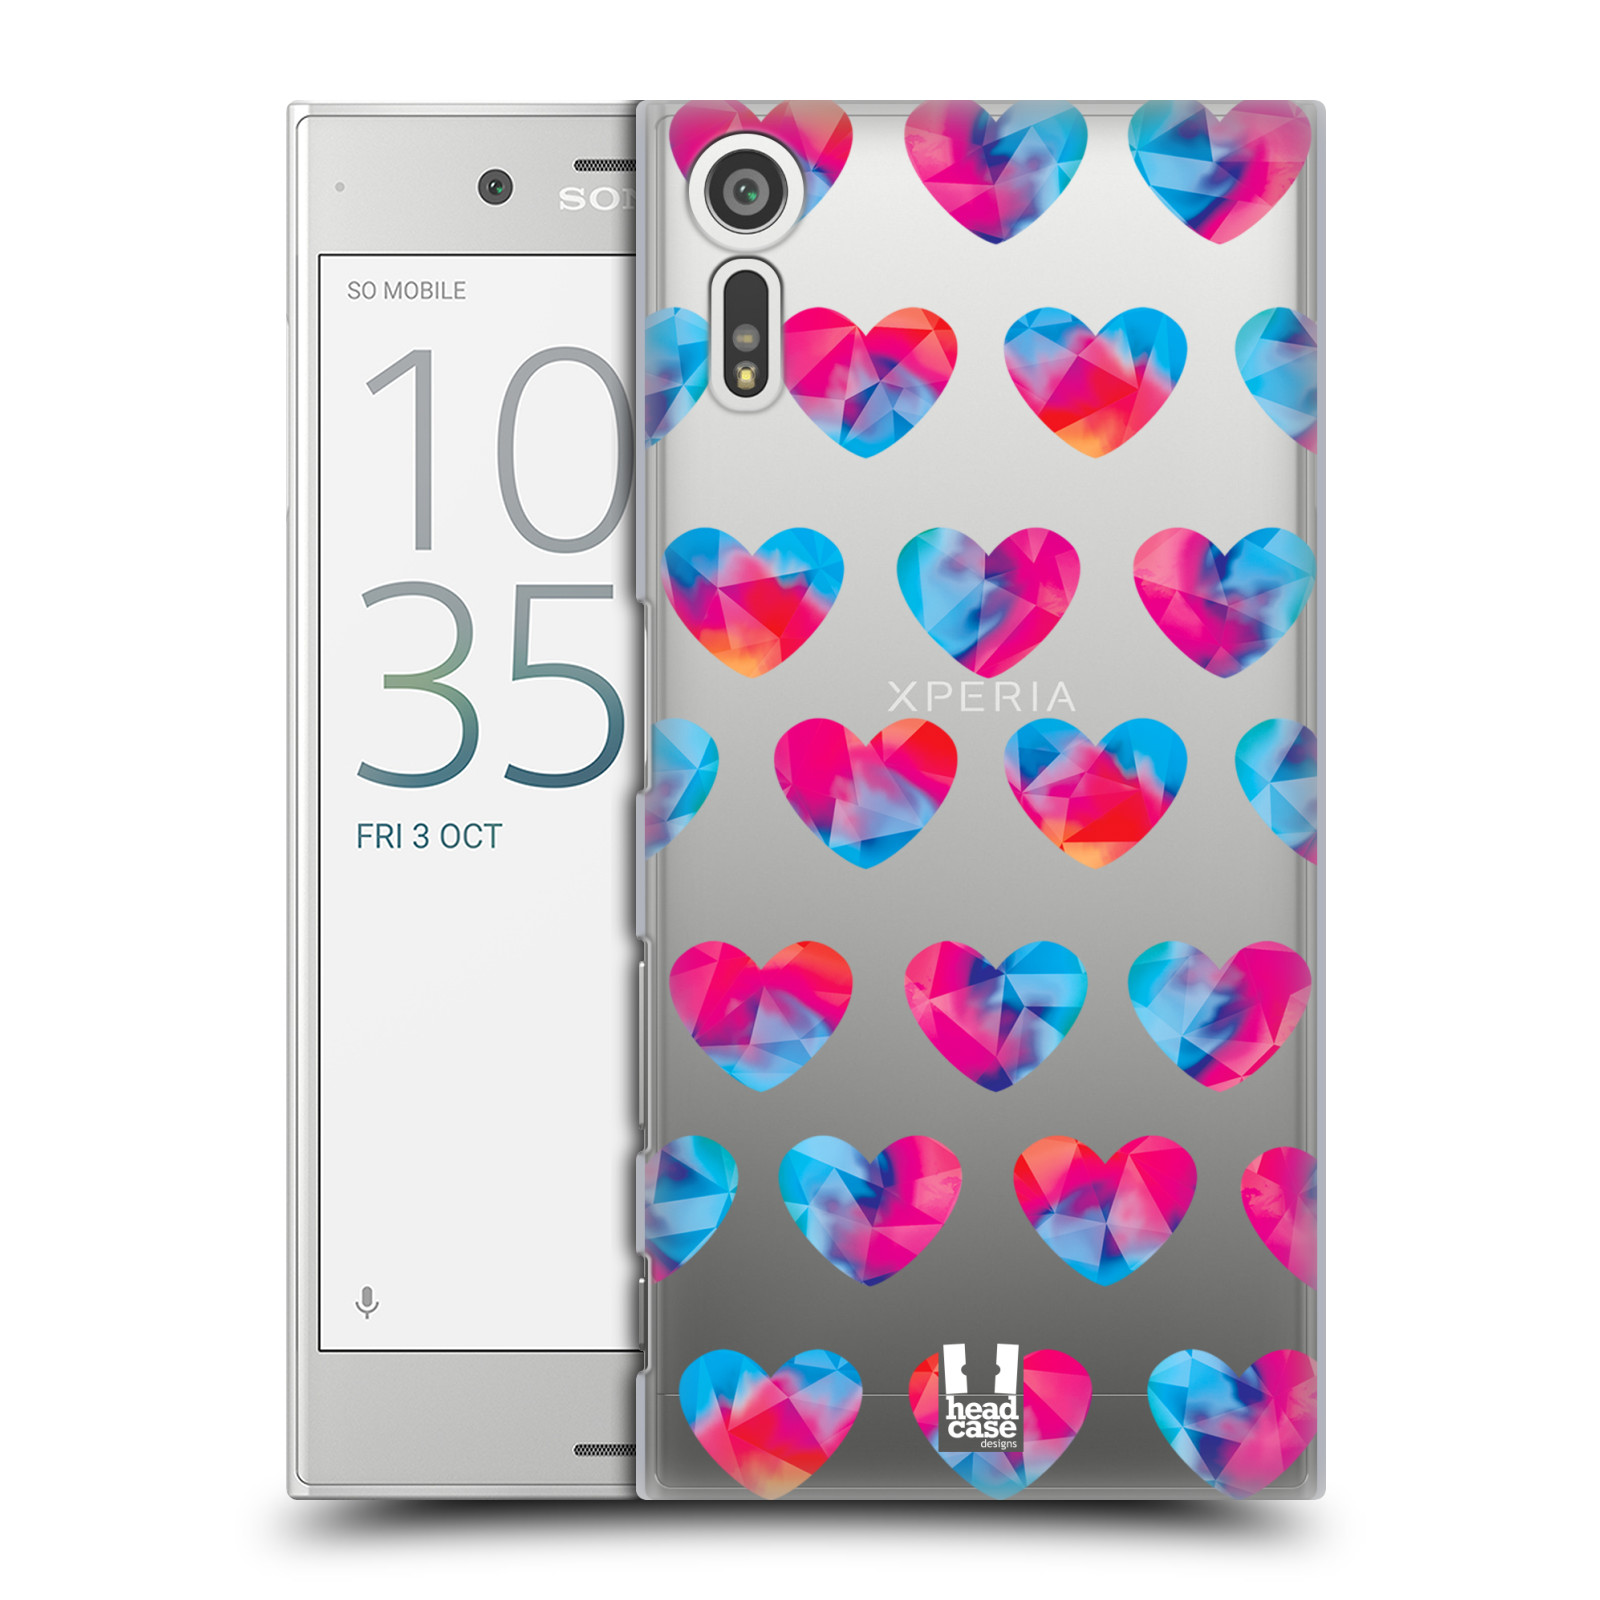 Plastové pouzdro na mobil Sony Xperia XZ - Head Case - Srdíčka hrající barvami (Plastový kryt či obal na mobilní telefon s motivem Srdíčka hrající barvami pro Sony Xperia XZ F8331 / Sony Xperia XZ Dual F8332)